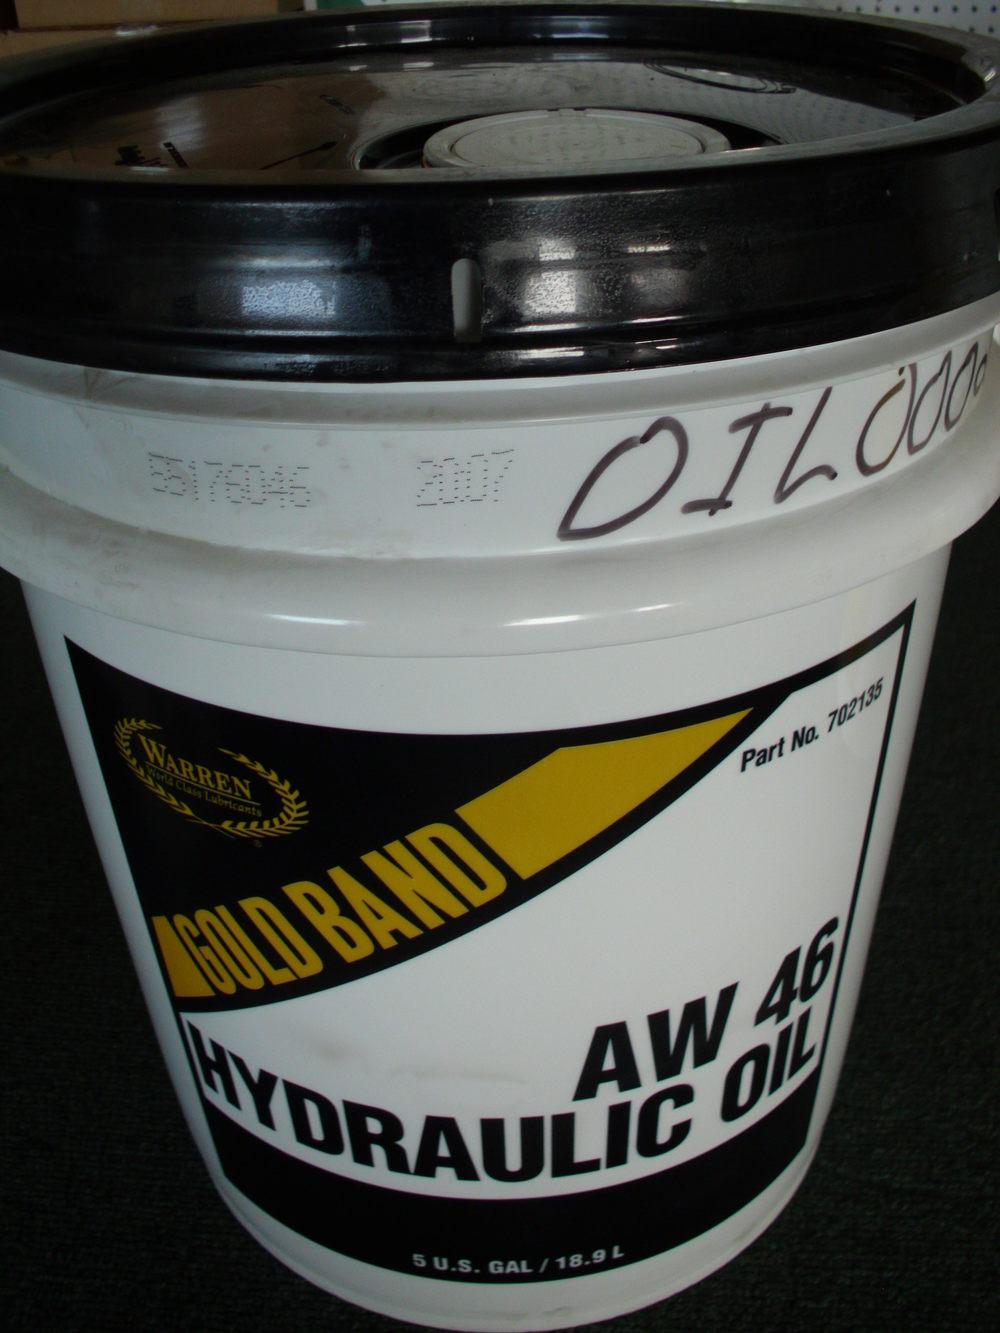 OIL0002.JPG